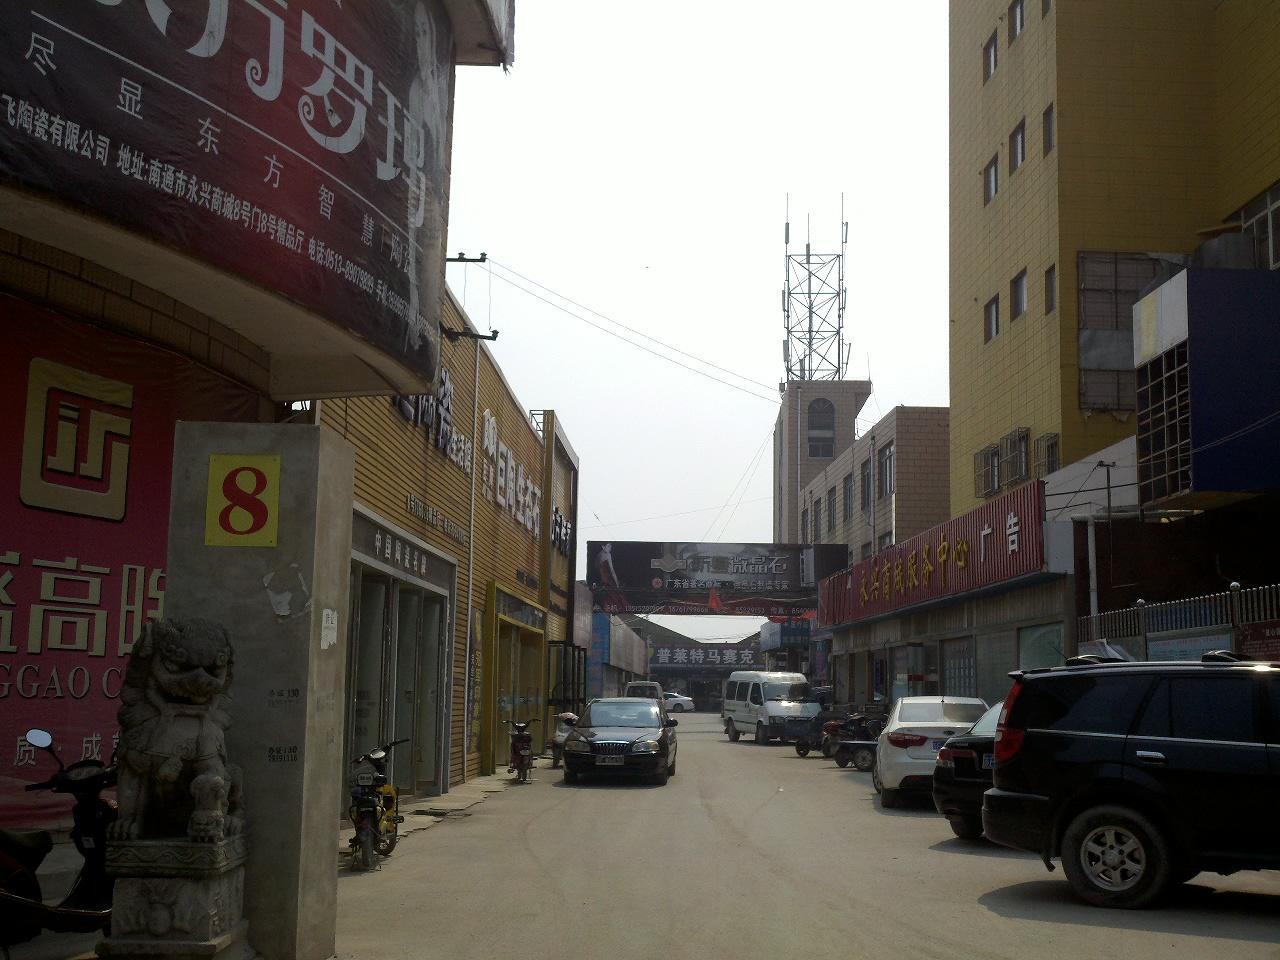 蔡李陶瓷經營部